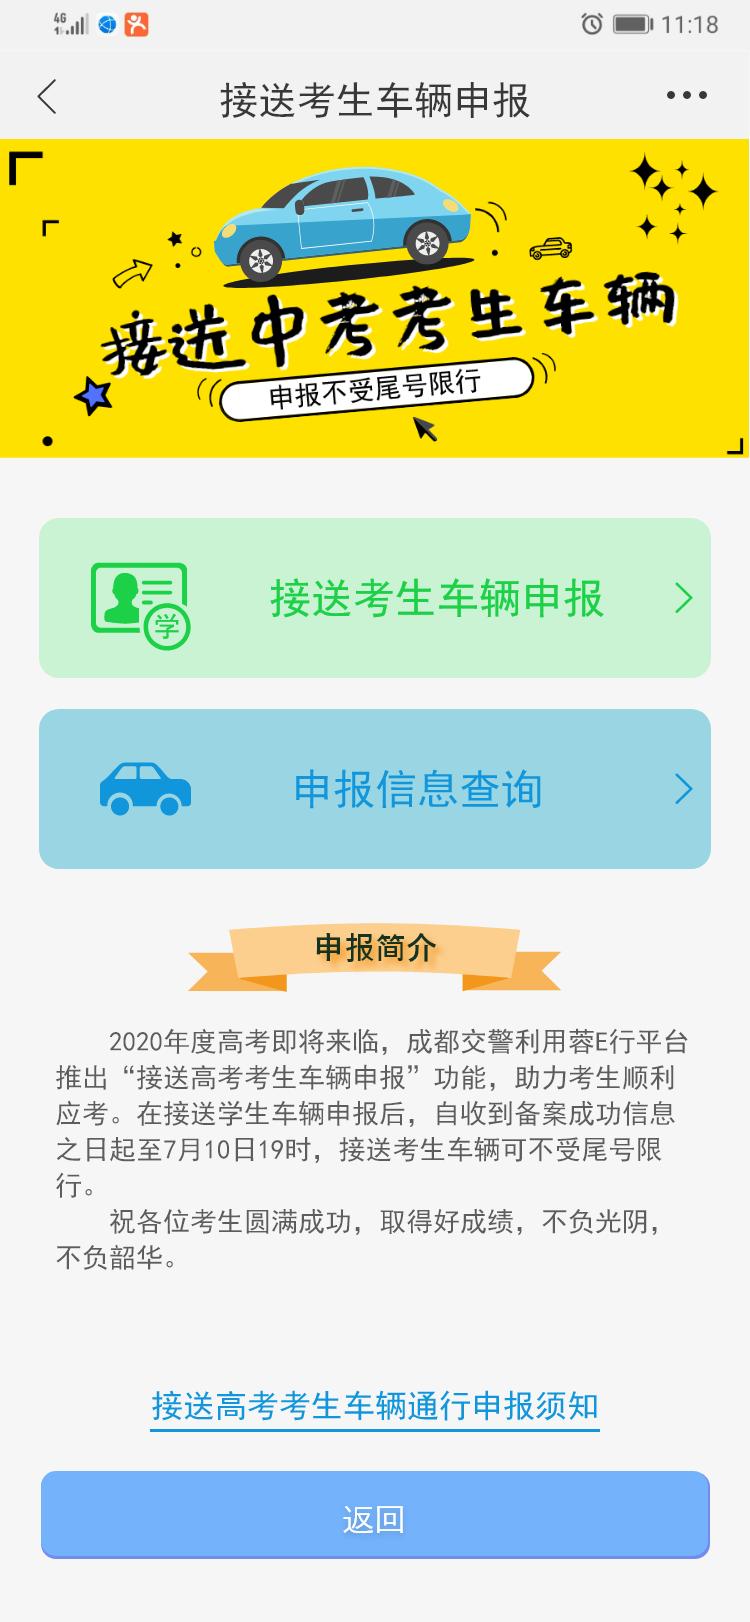 成都7月10日起接送中考考生车辆开始申报,接送高考考生车辆取消